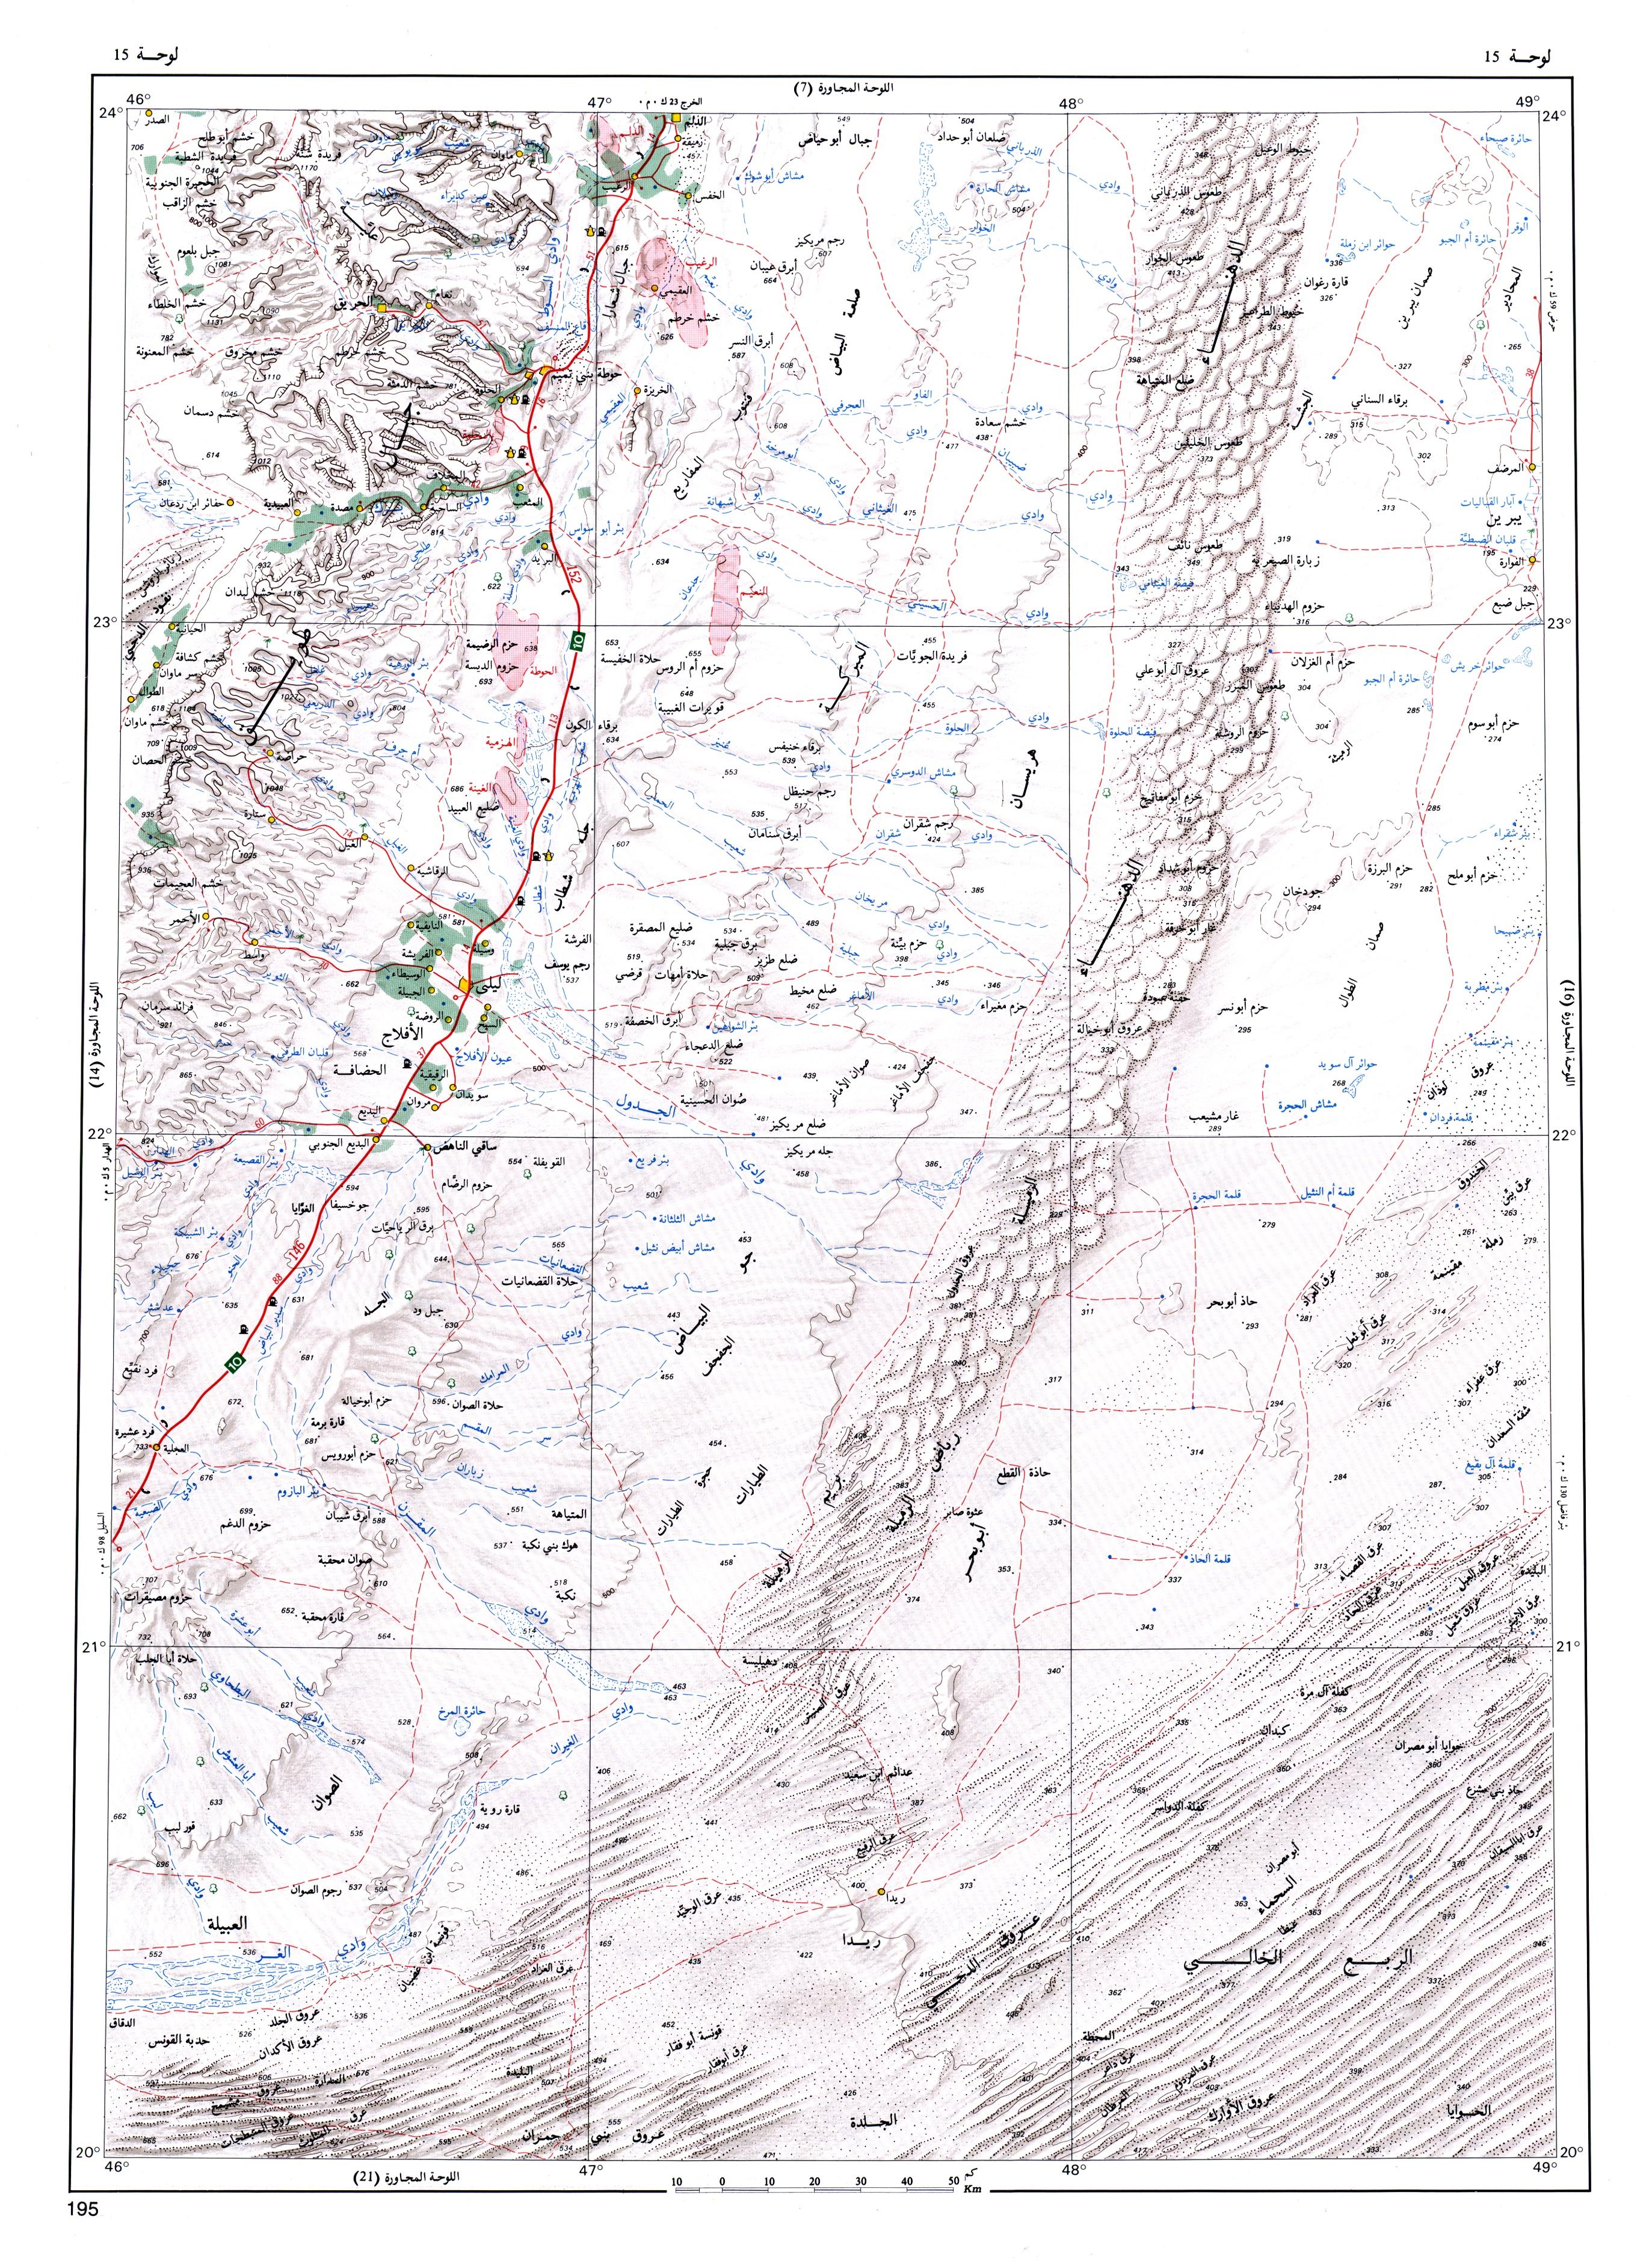 خرائط تفصيليه لمناطق اللمملكة العربية Fig-15.jpg